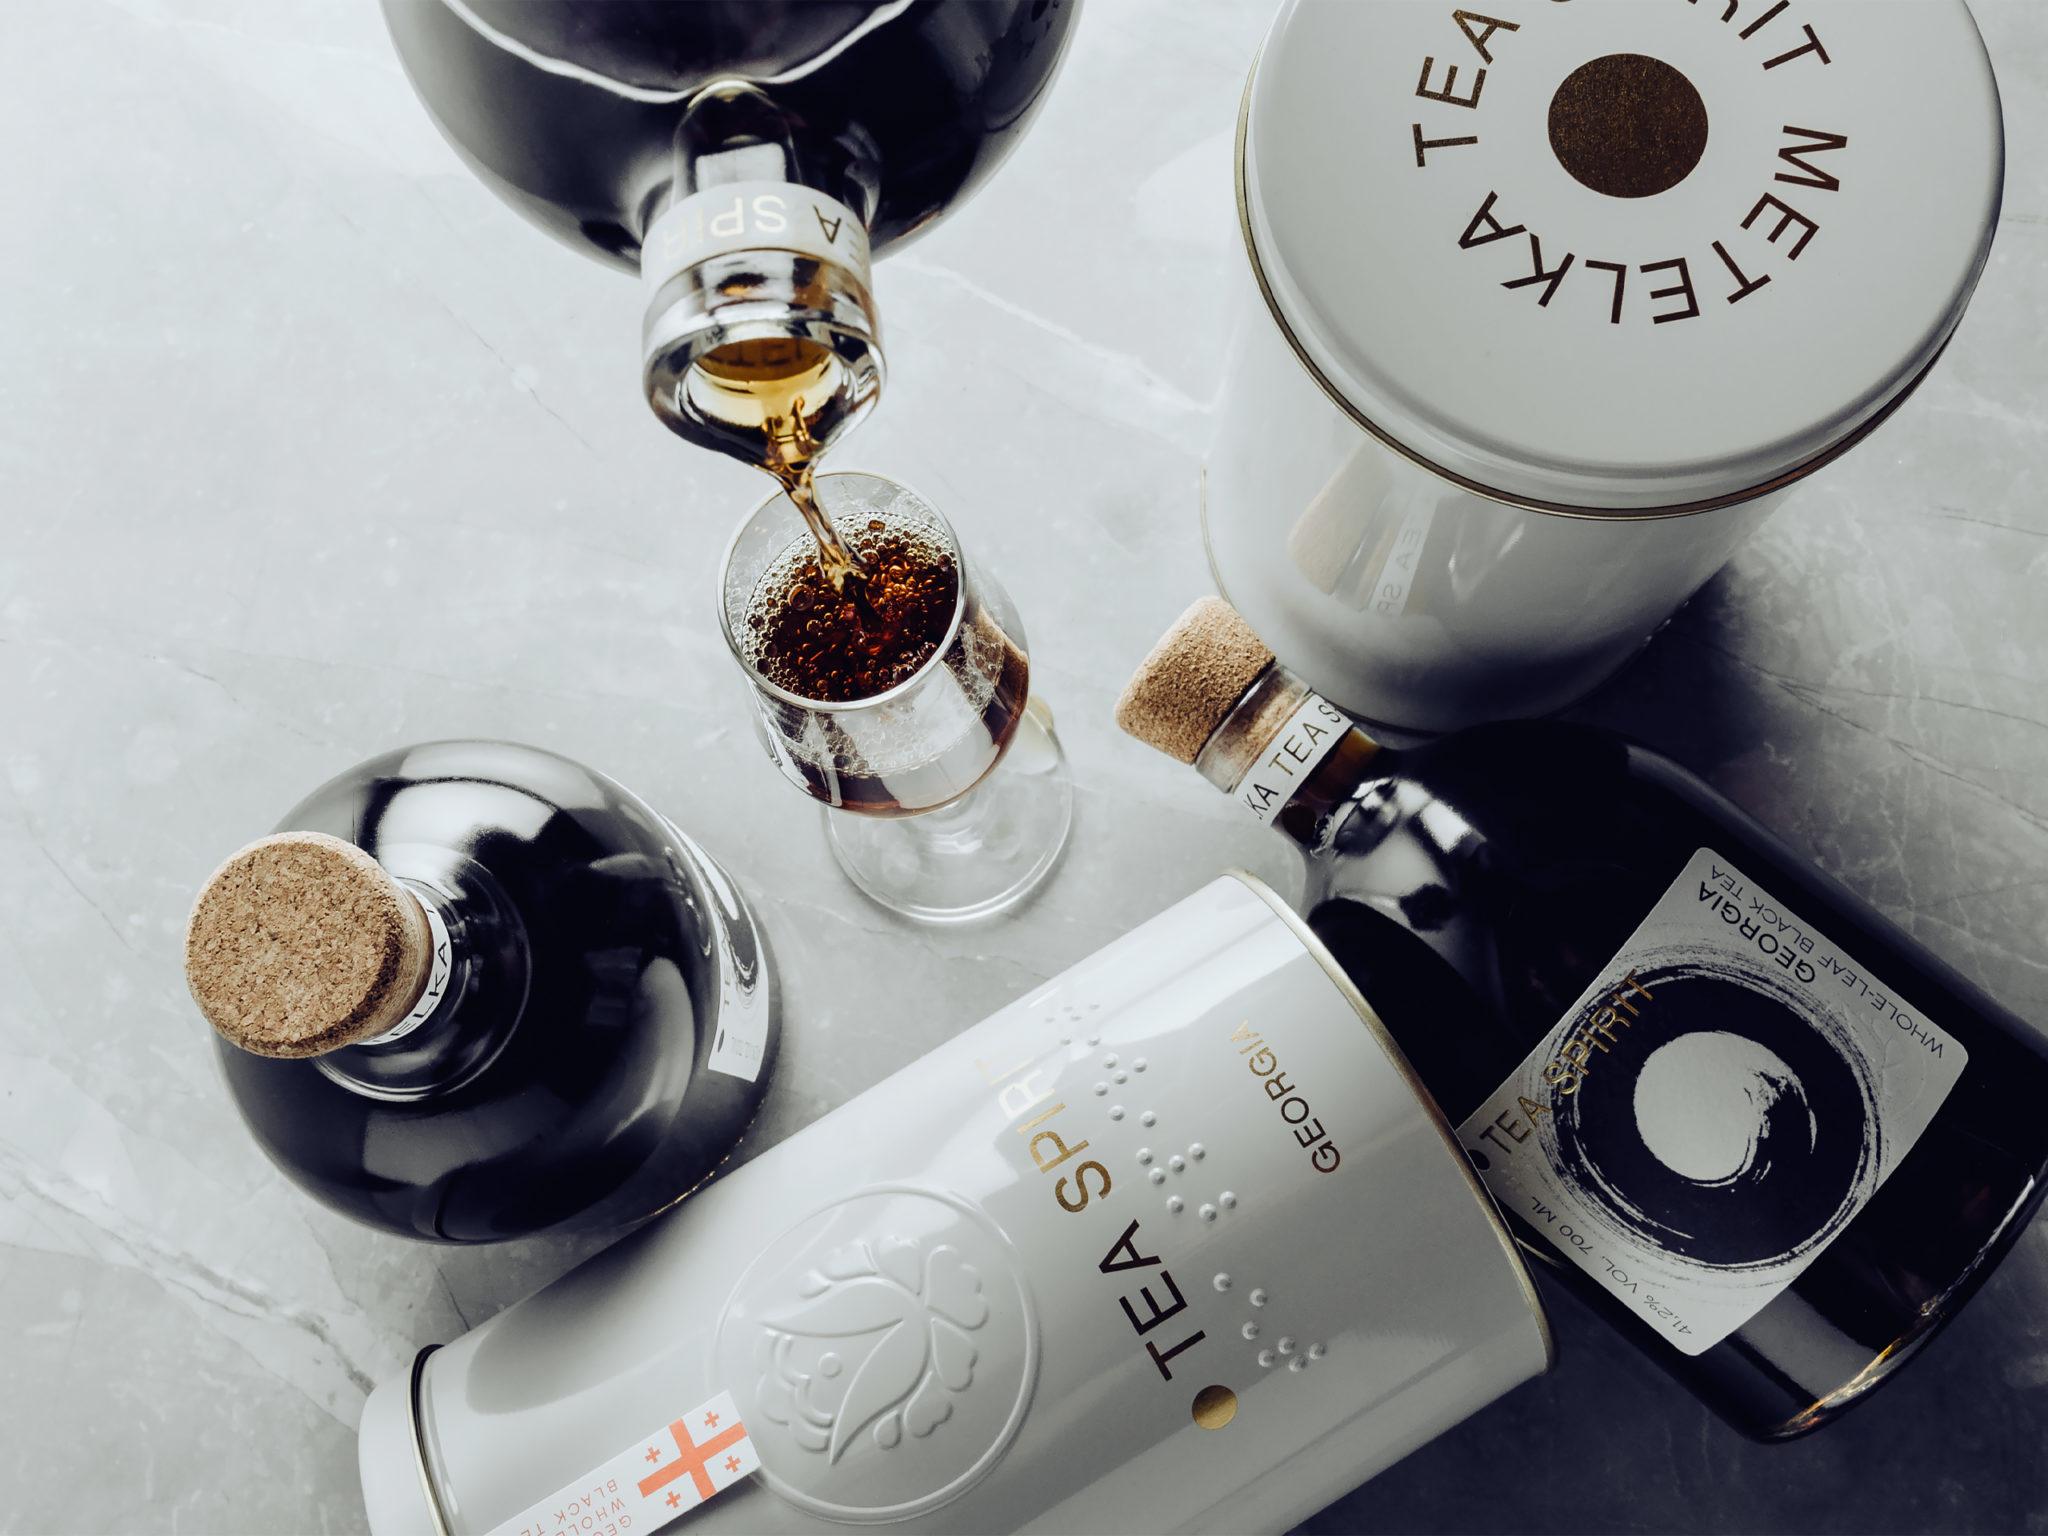 Tea Spirit je lahodný čajový a medový likér s brandy